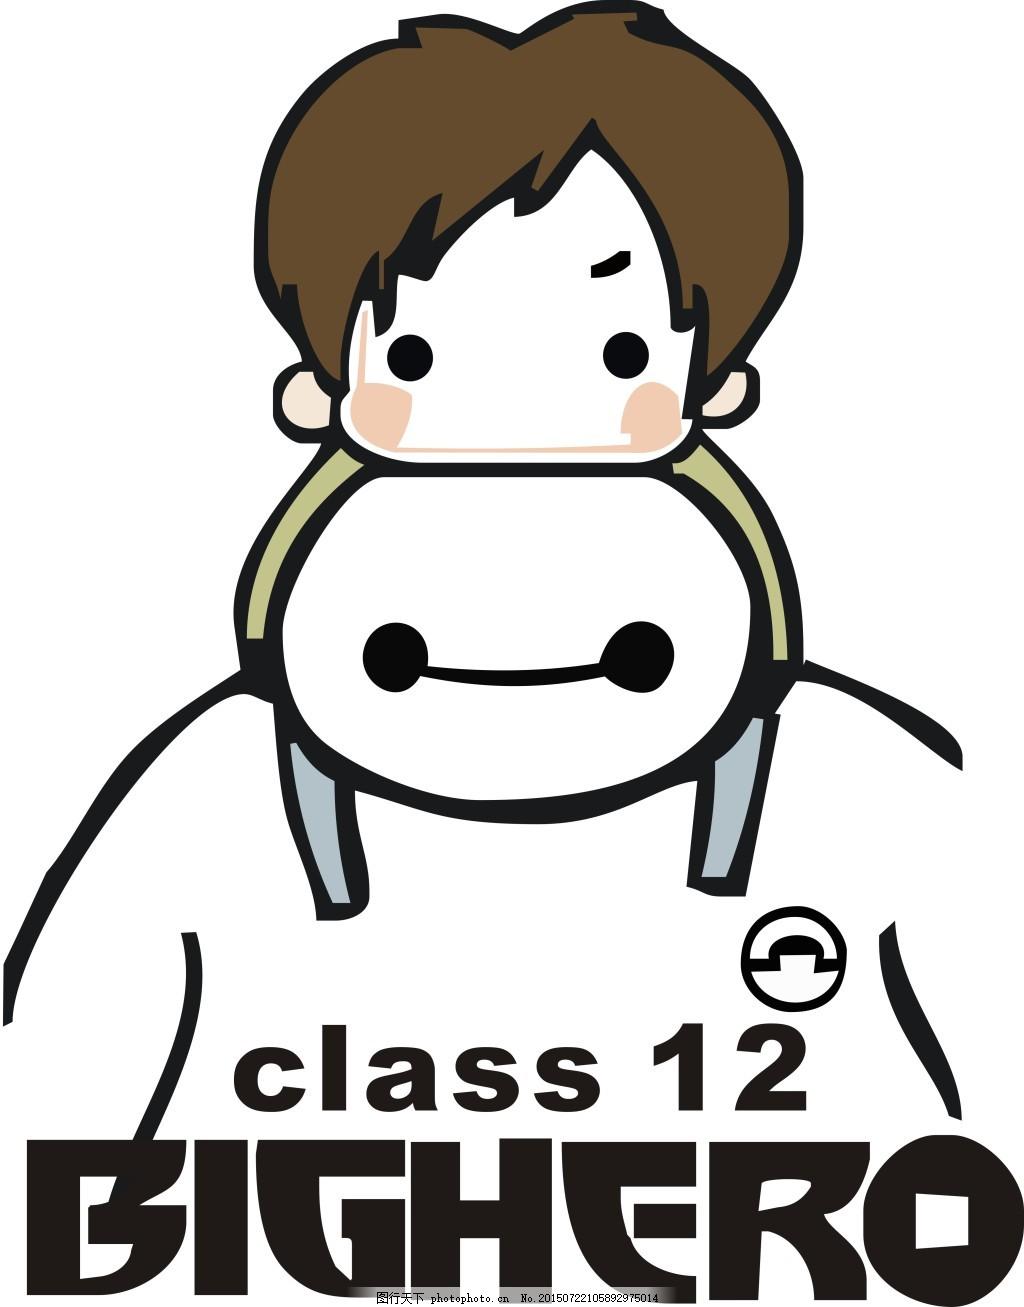 班级矢量素材 大白 可爱 卡通 字母 数字 班服图案 cdr 白色 cdr